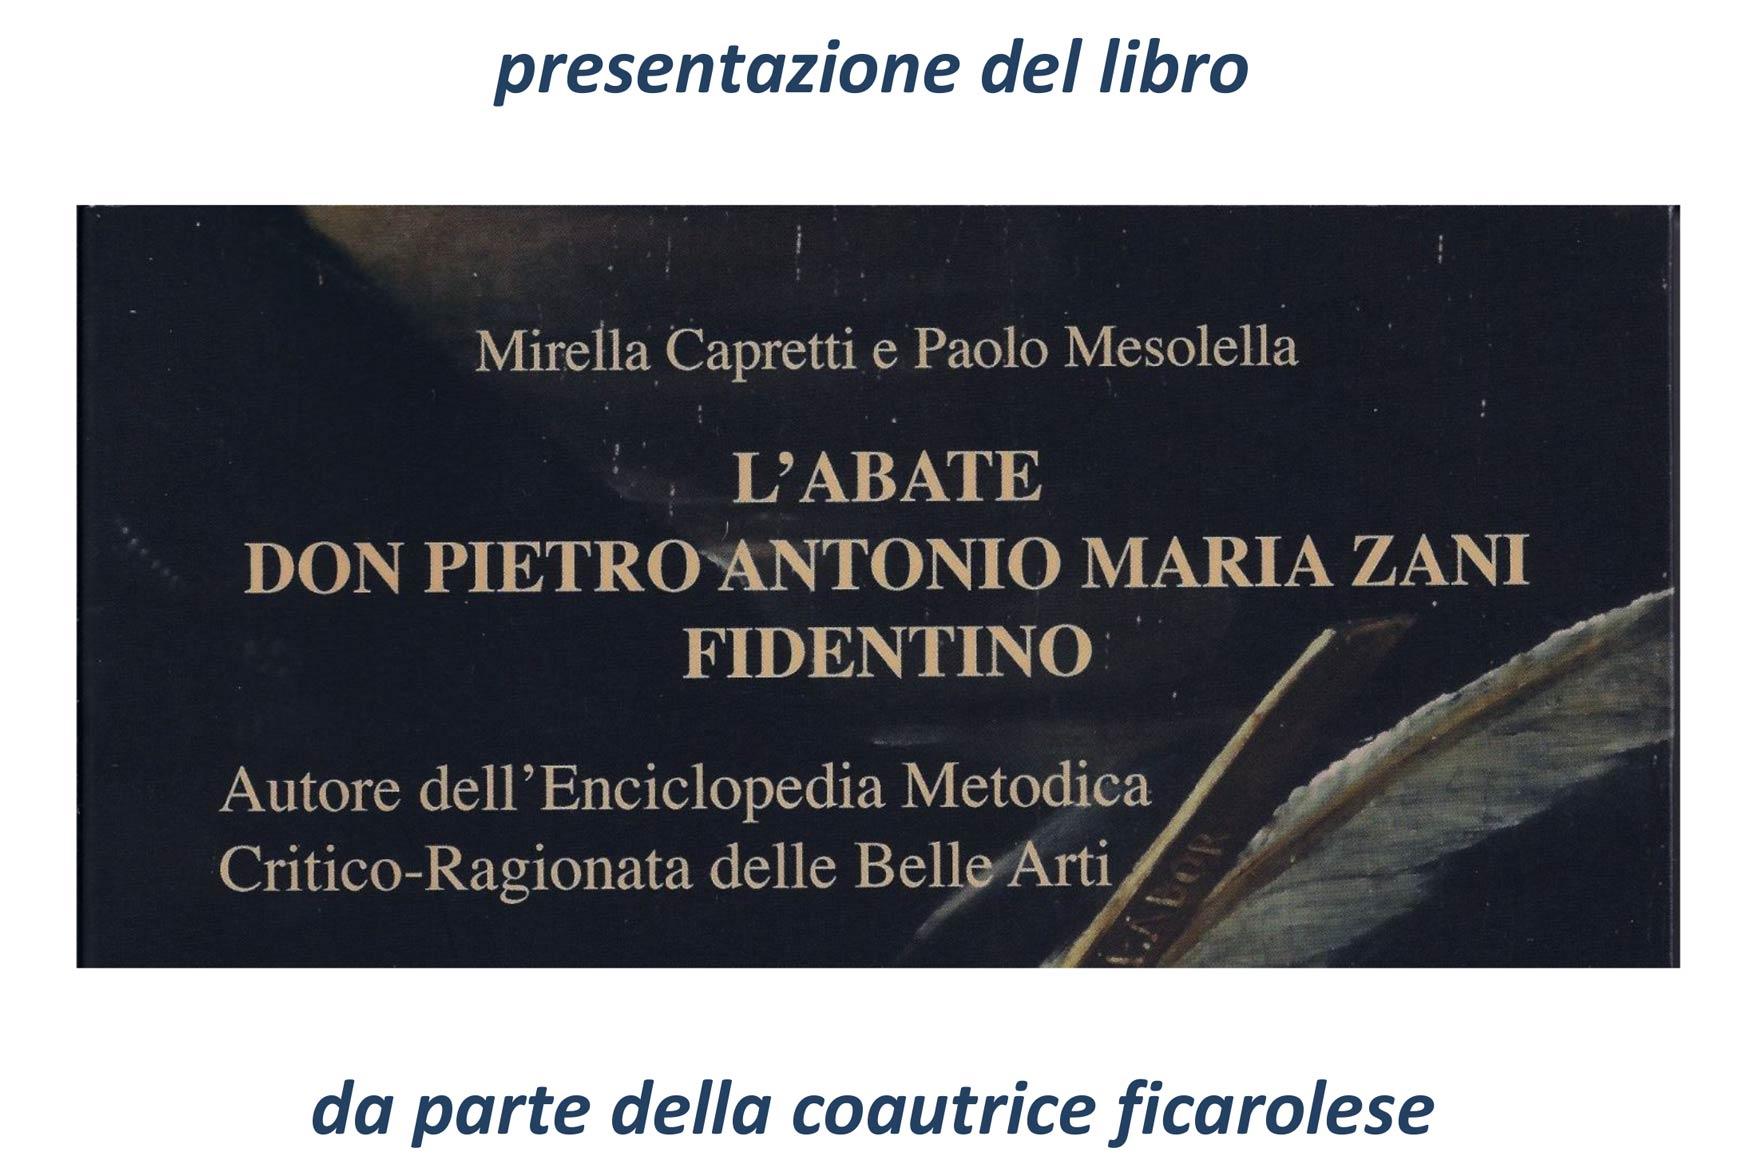 Abate Don Pietro Antonio Maria Zani Fidentino